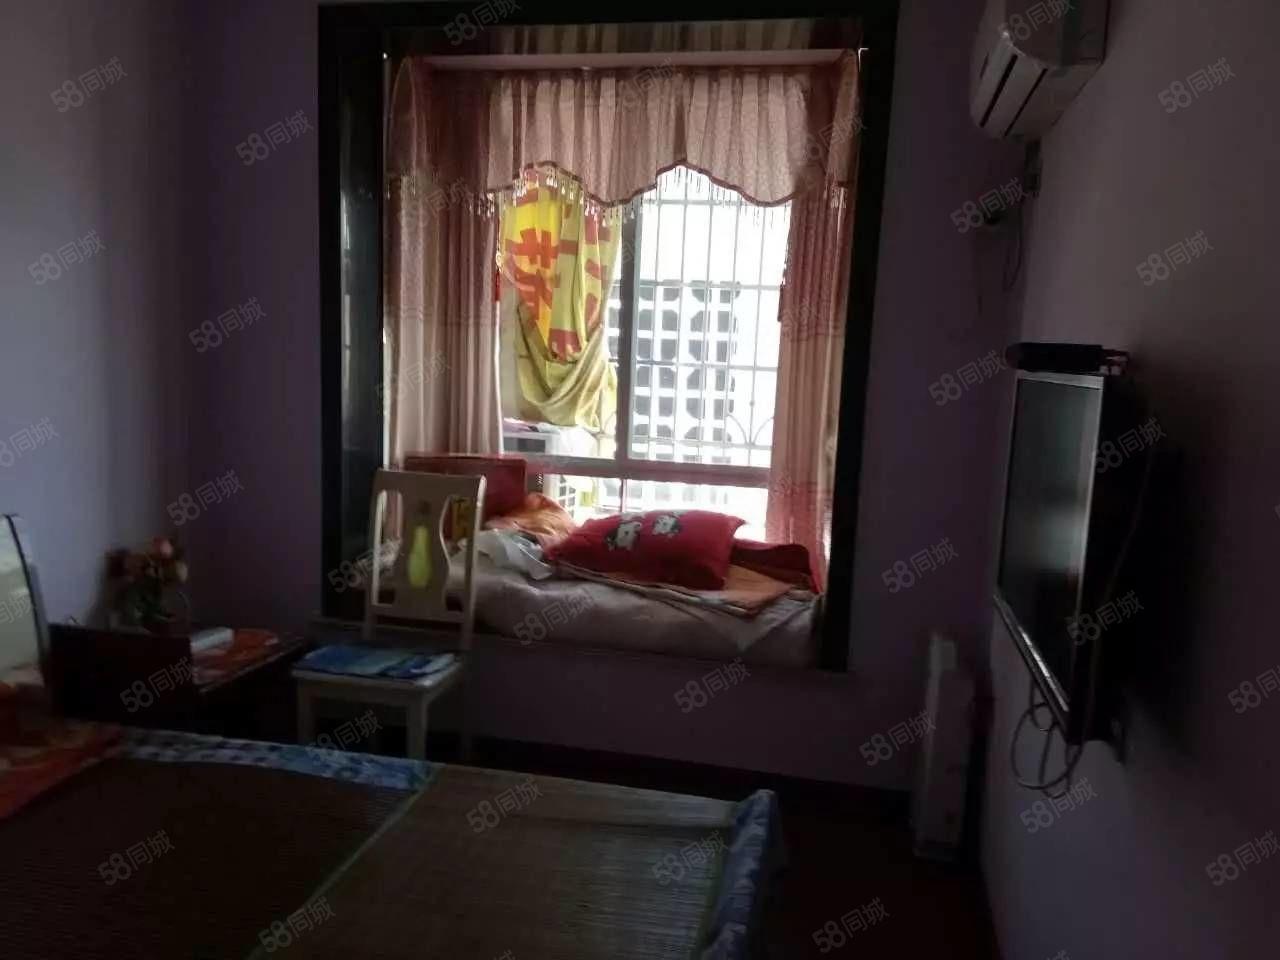 泸县二小区旁3室2厅2卫精装住房出租!